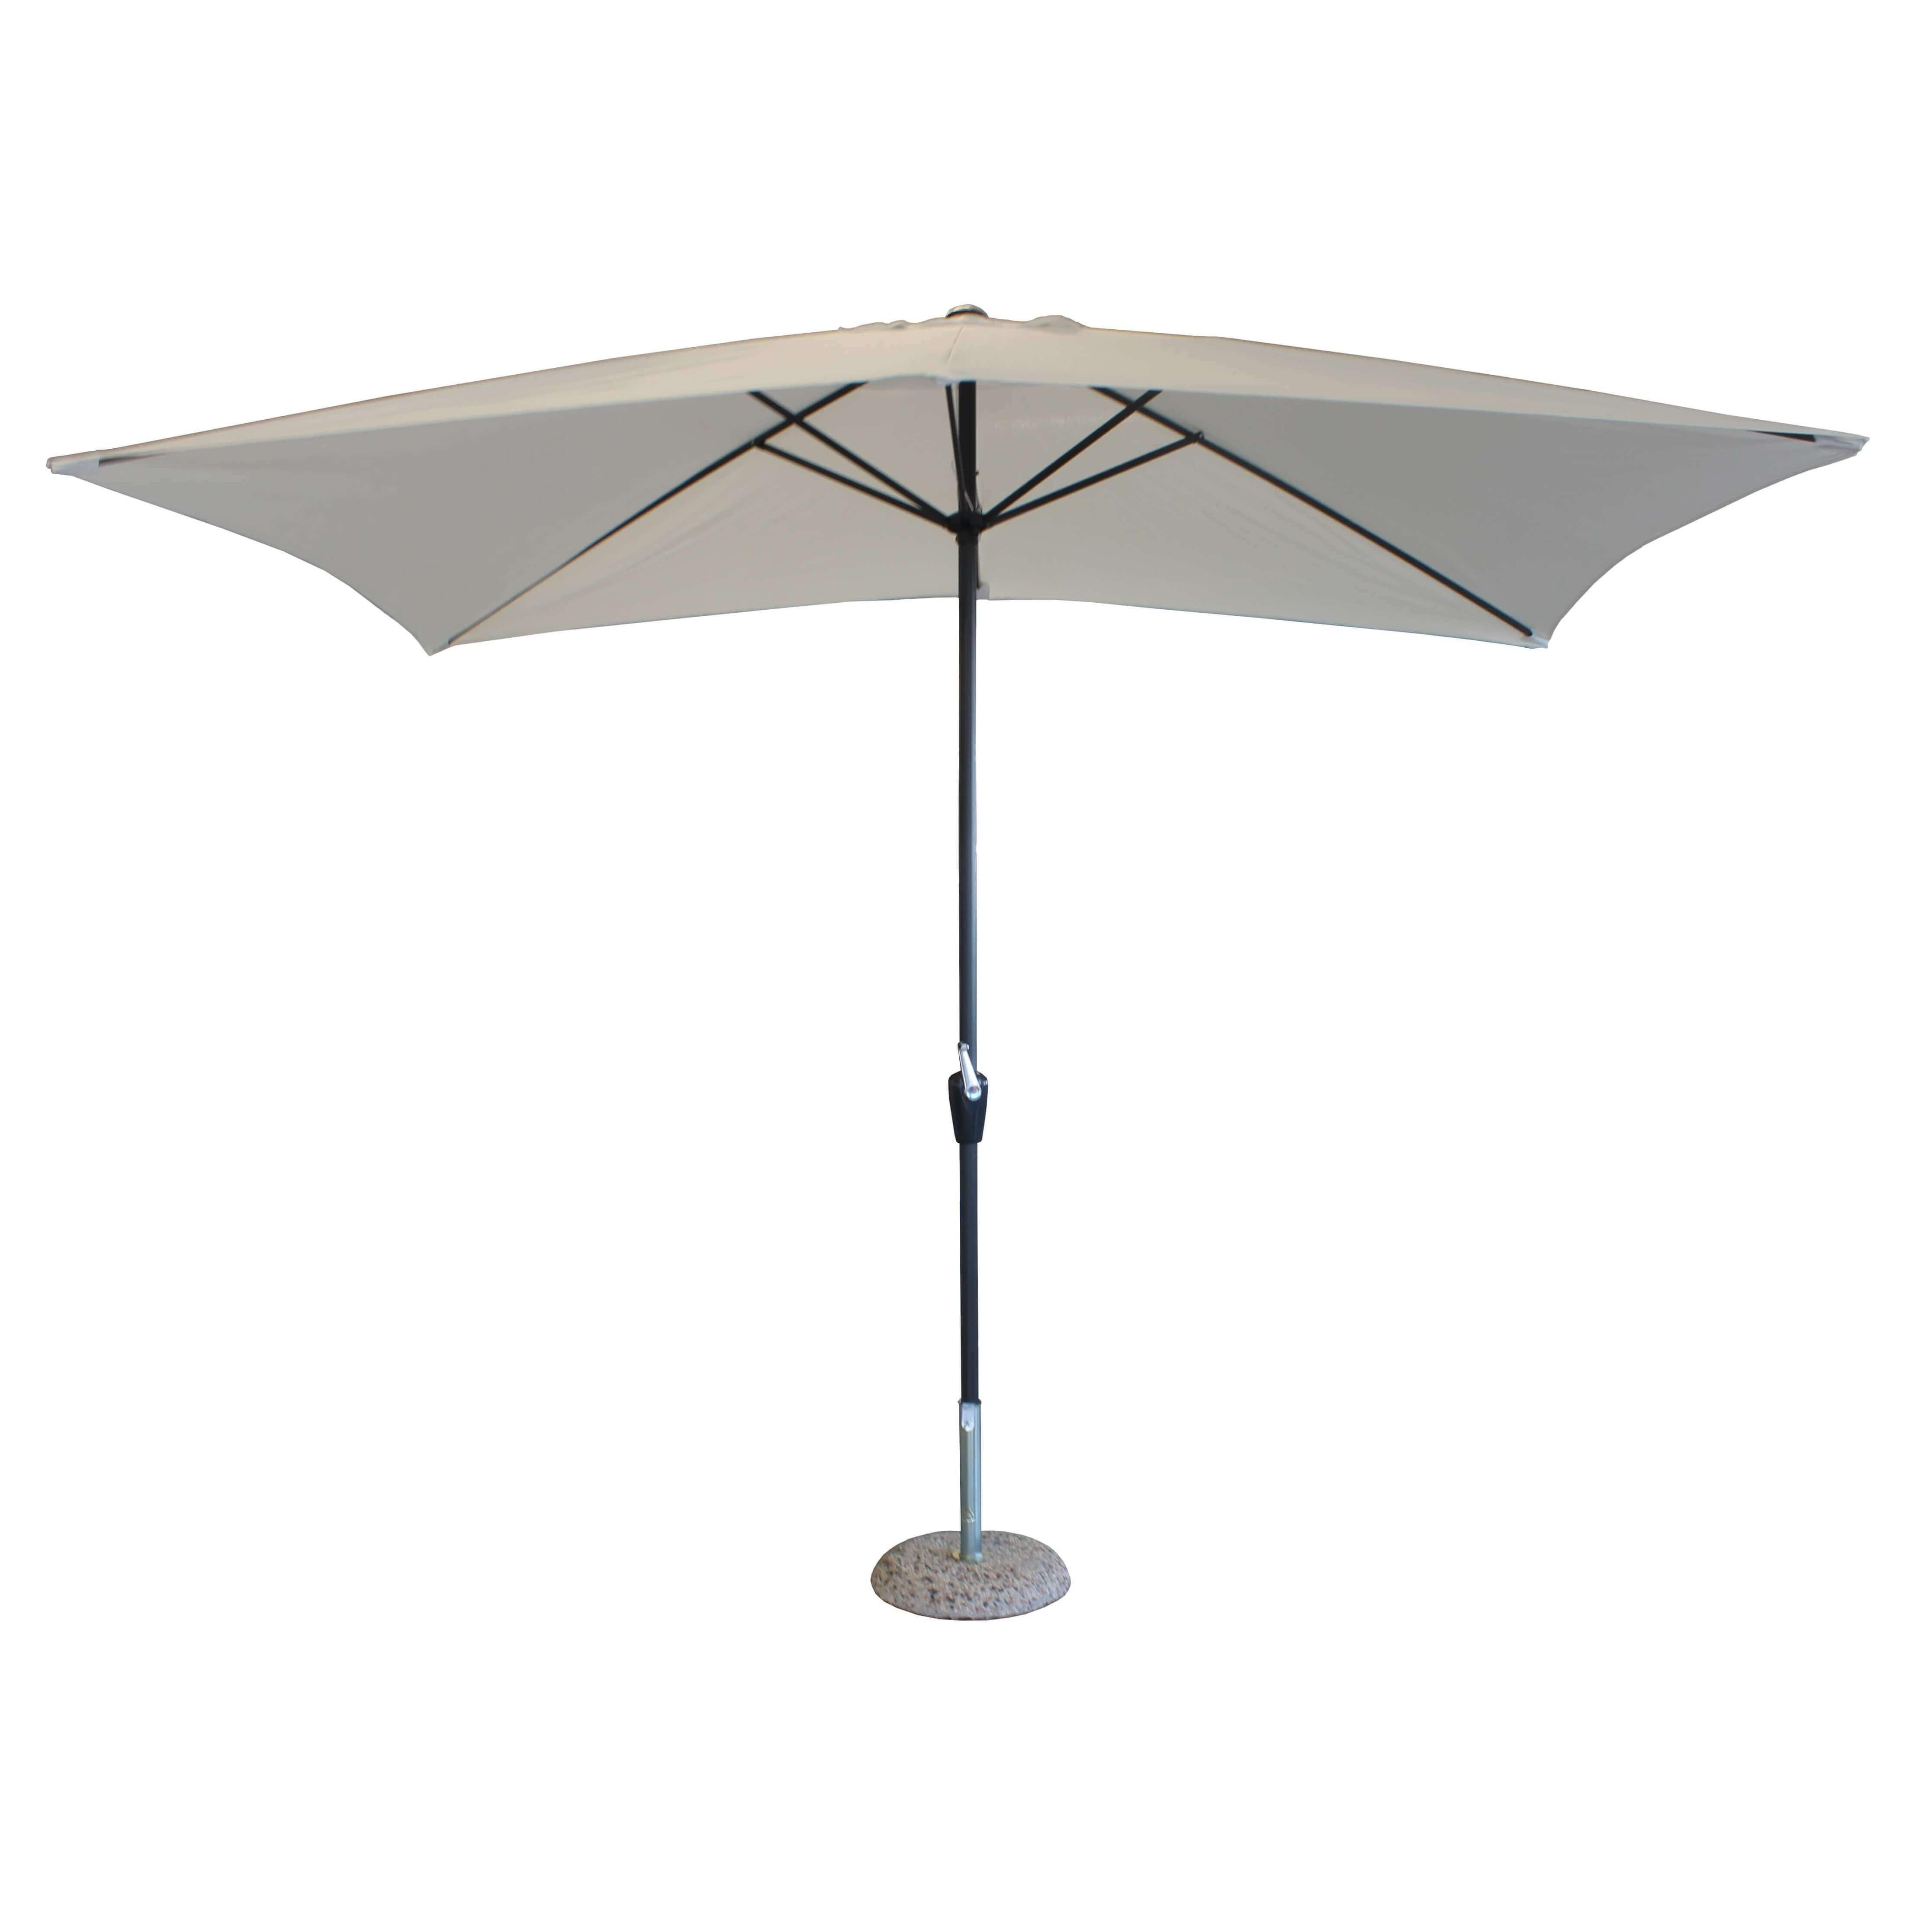 Milani Home MARITUS - ombrellone da giardino 2 x 3 palo centrale